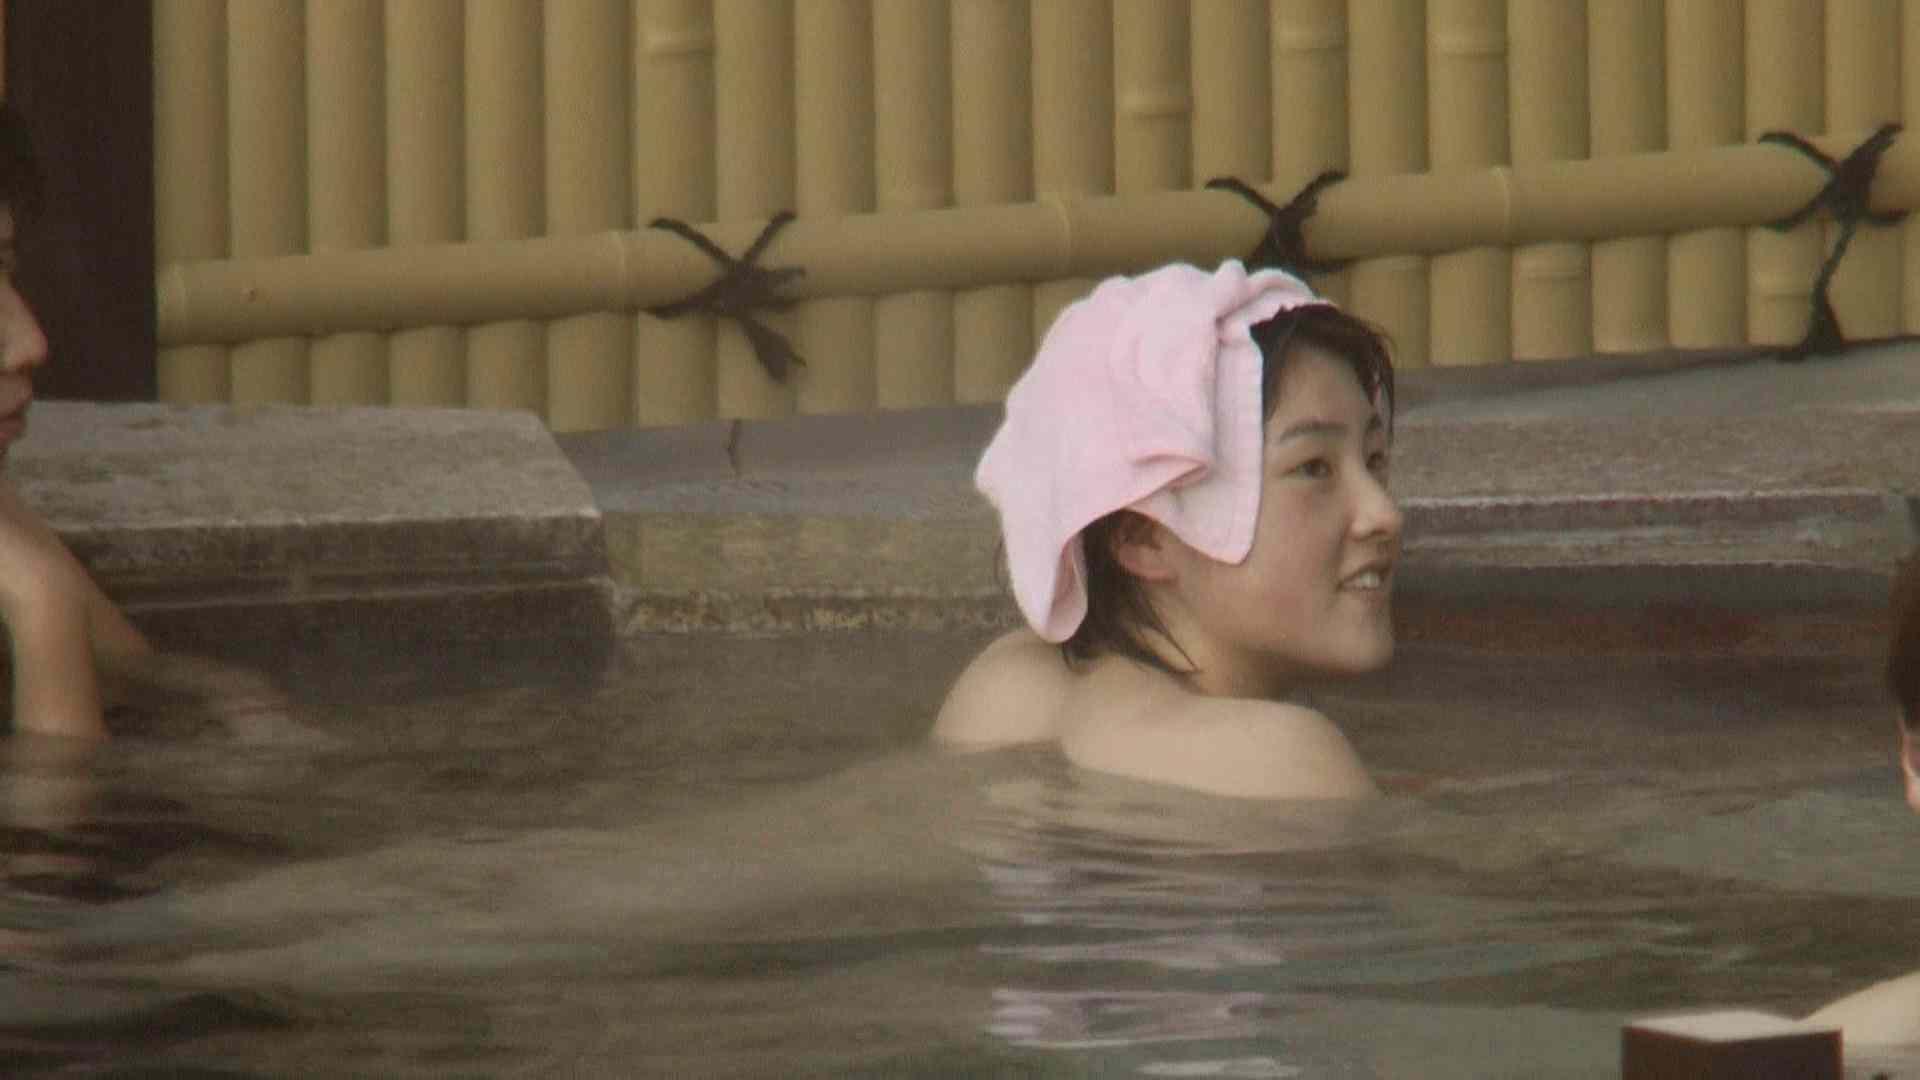 Aquaな露天風呂Vol.207 OLハメ撮り  26Pix 26